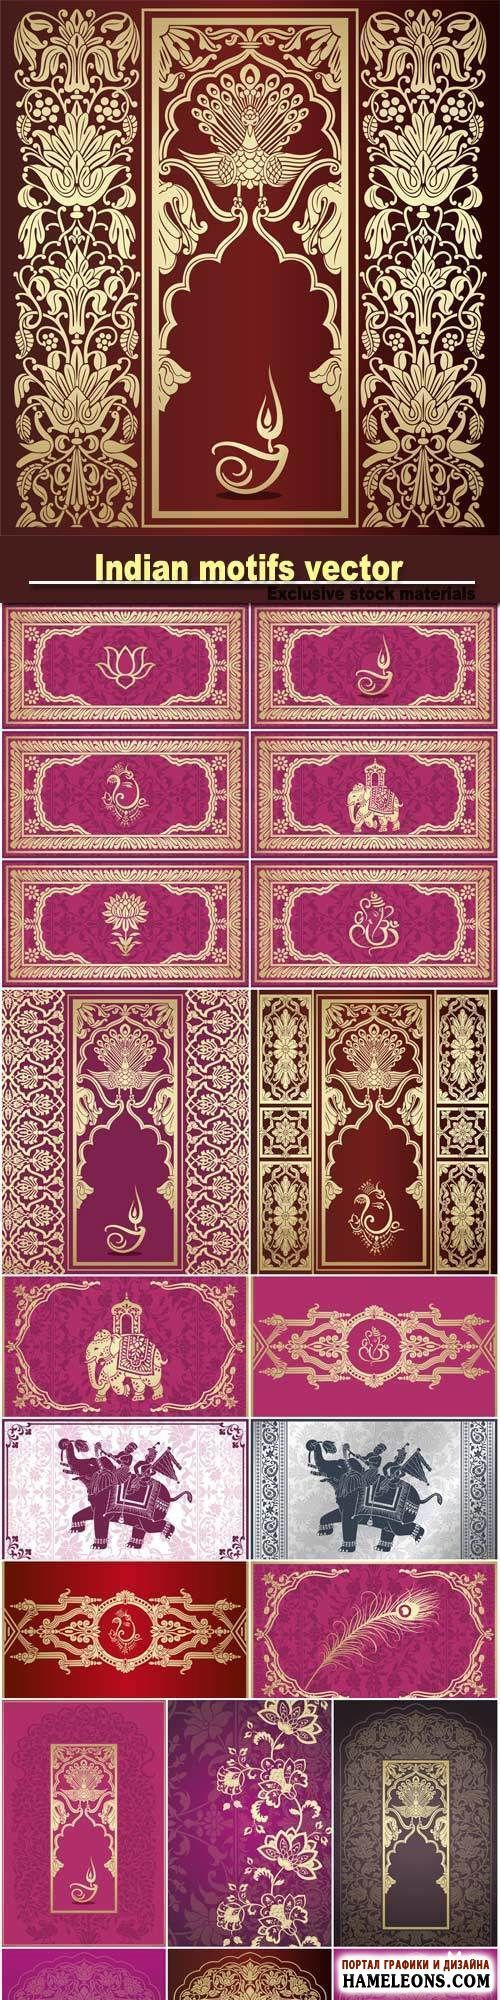 Векторные фоны со слонами, лотосом, узорами, орнаментами в индийском стиле…